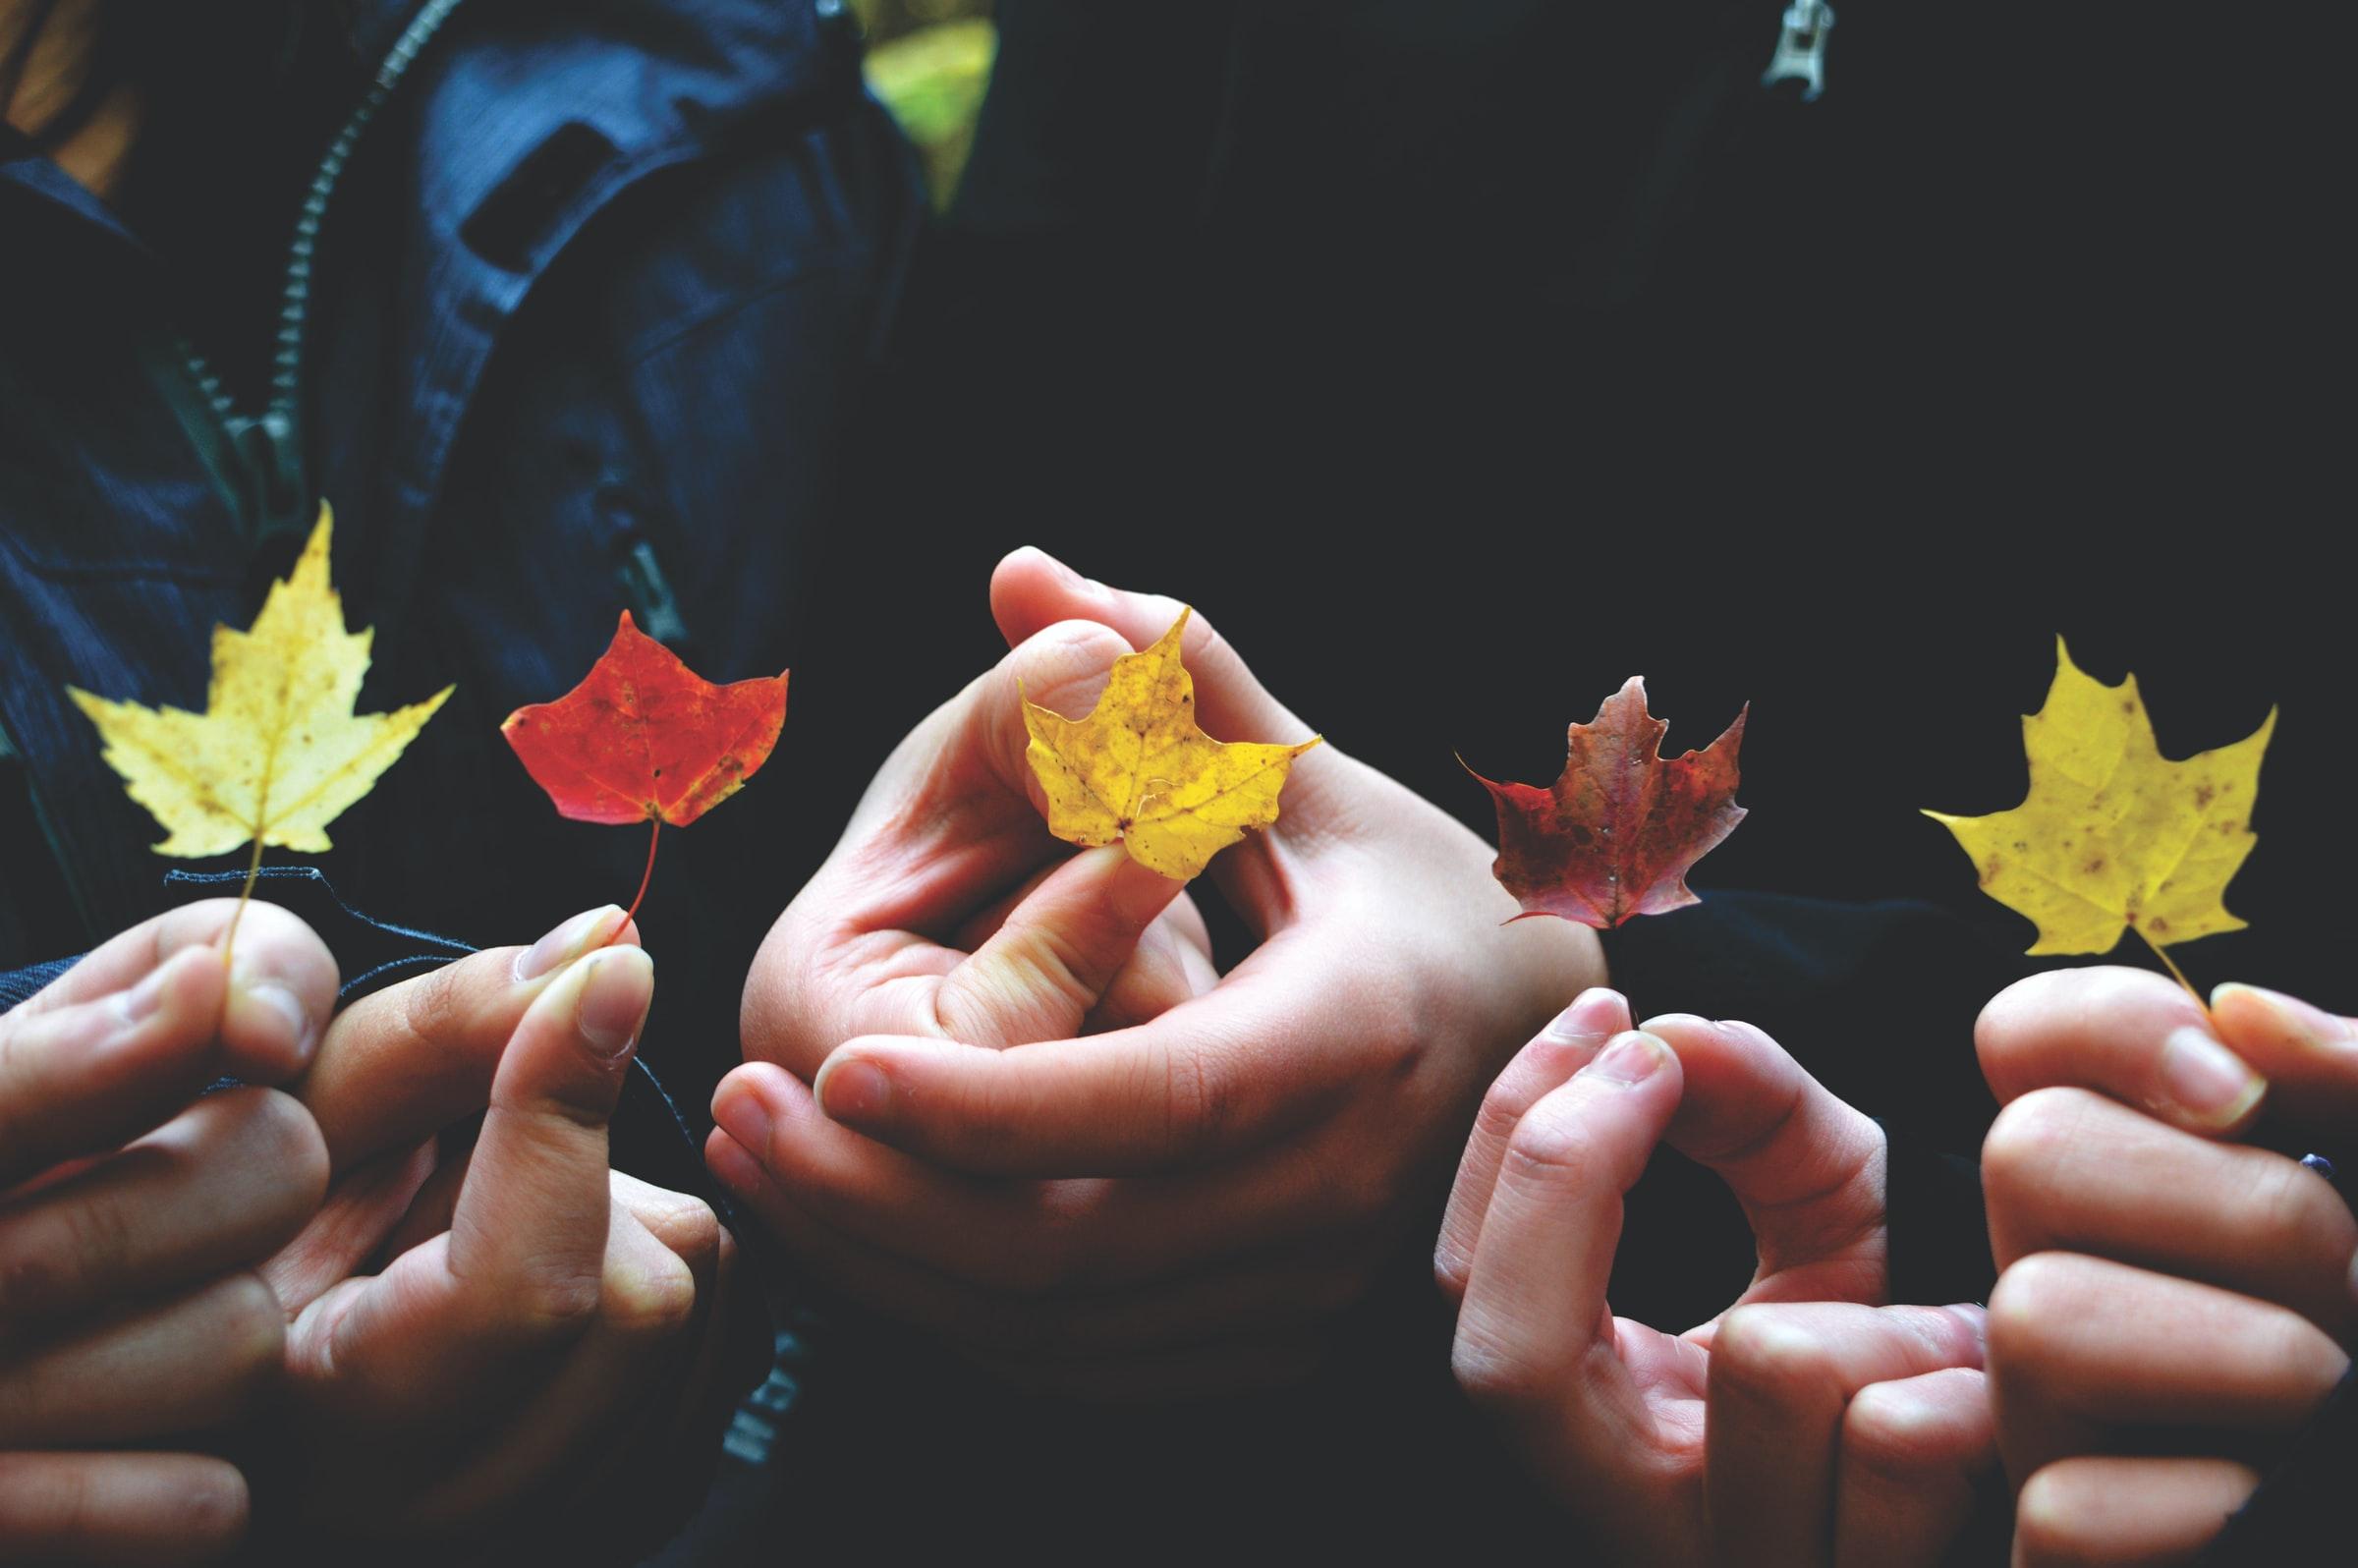 Vier Hände halten buntgefärbte Blätter